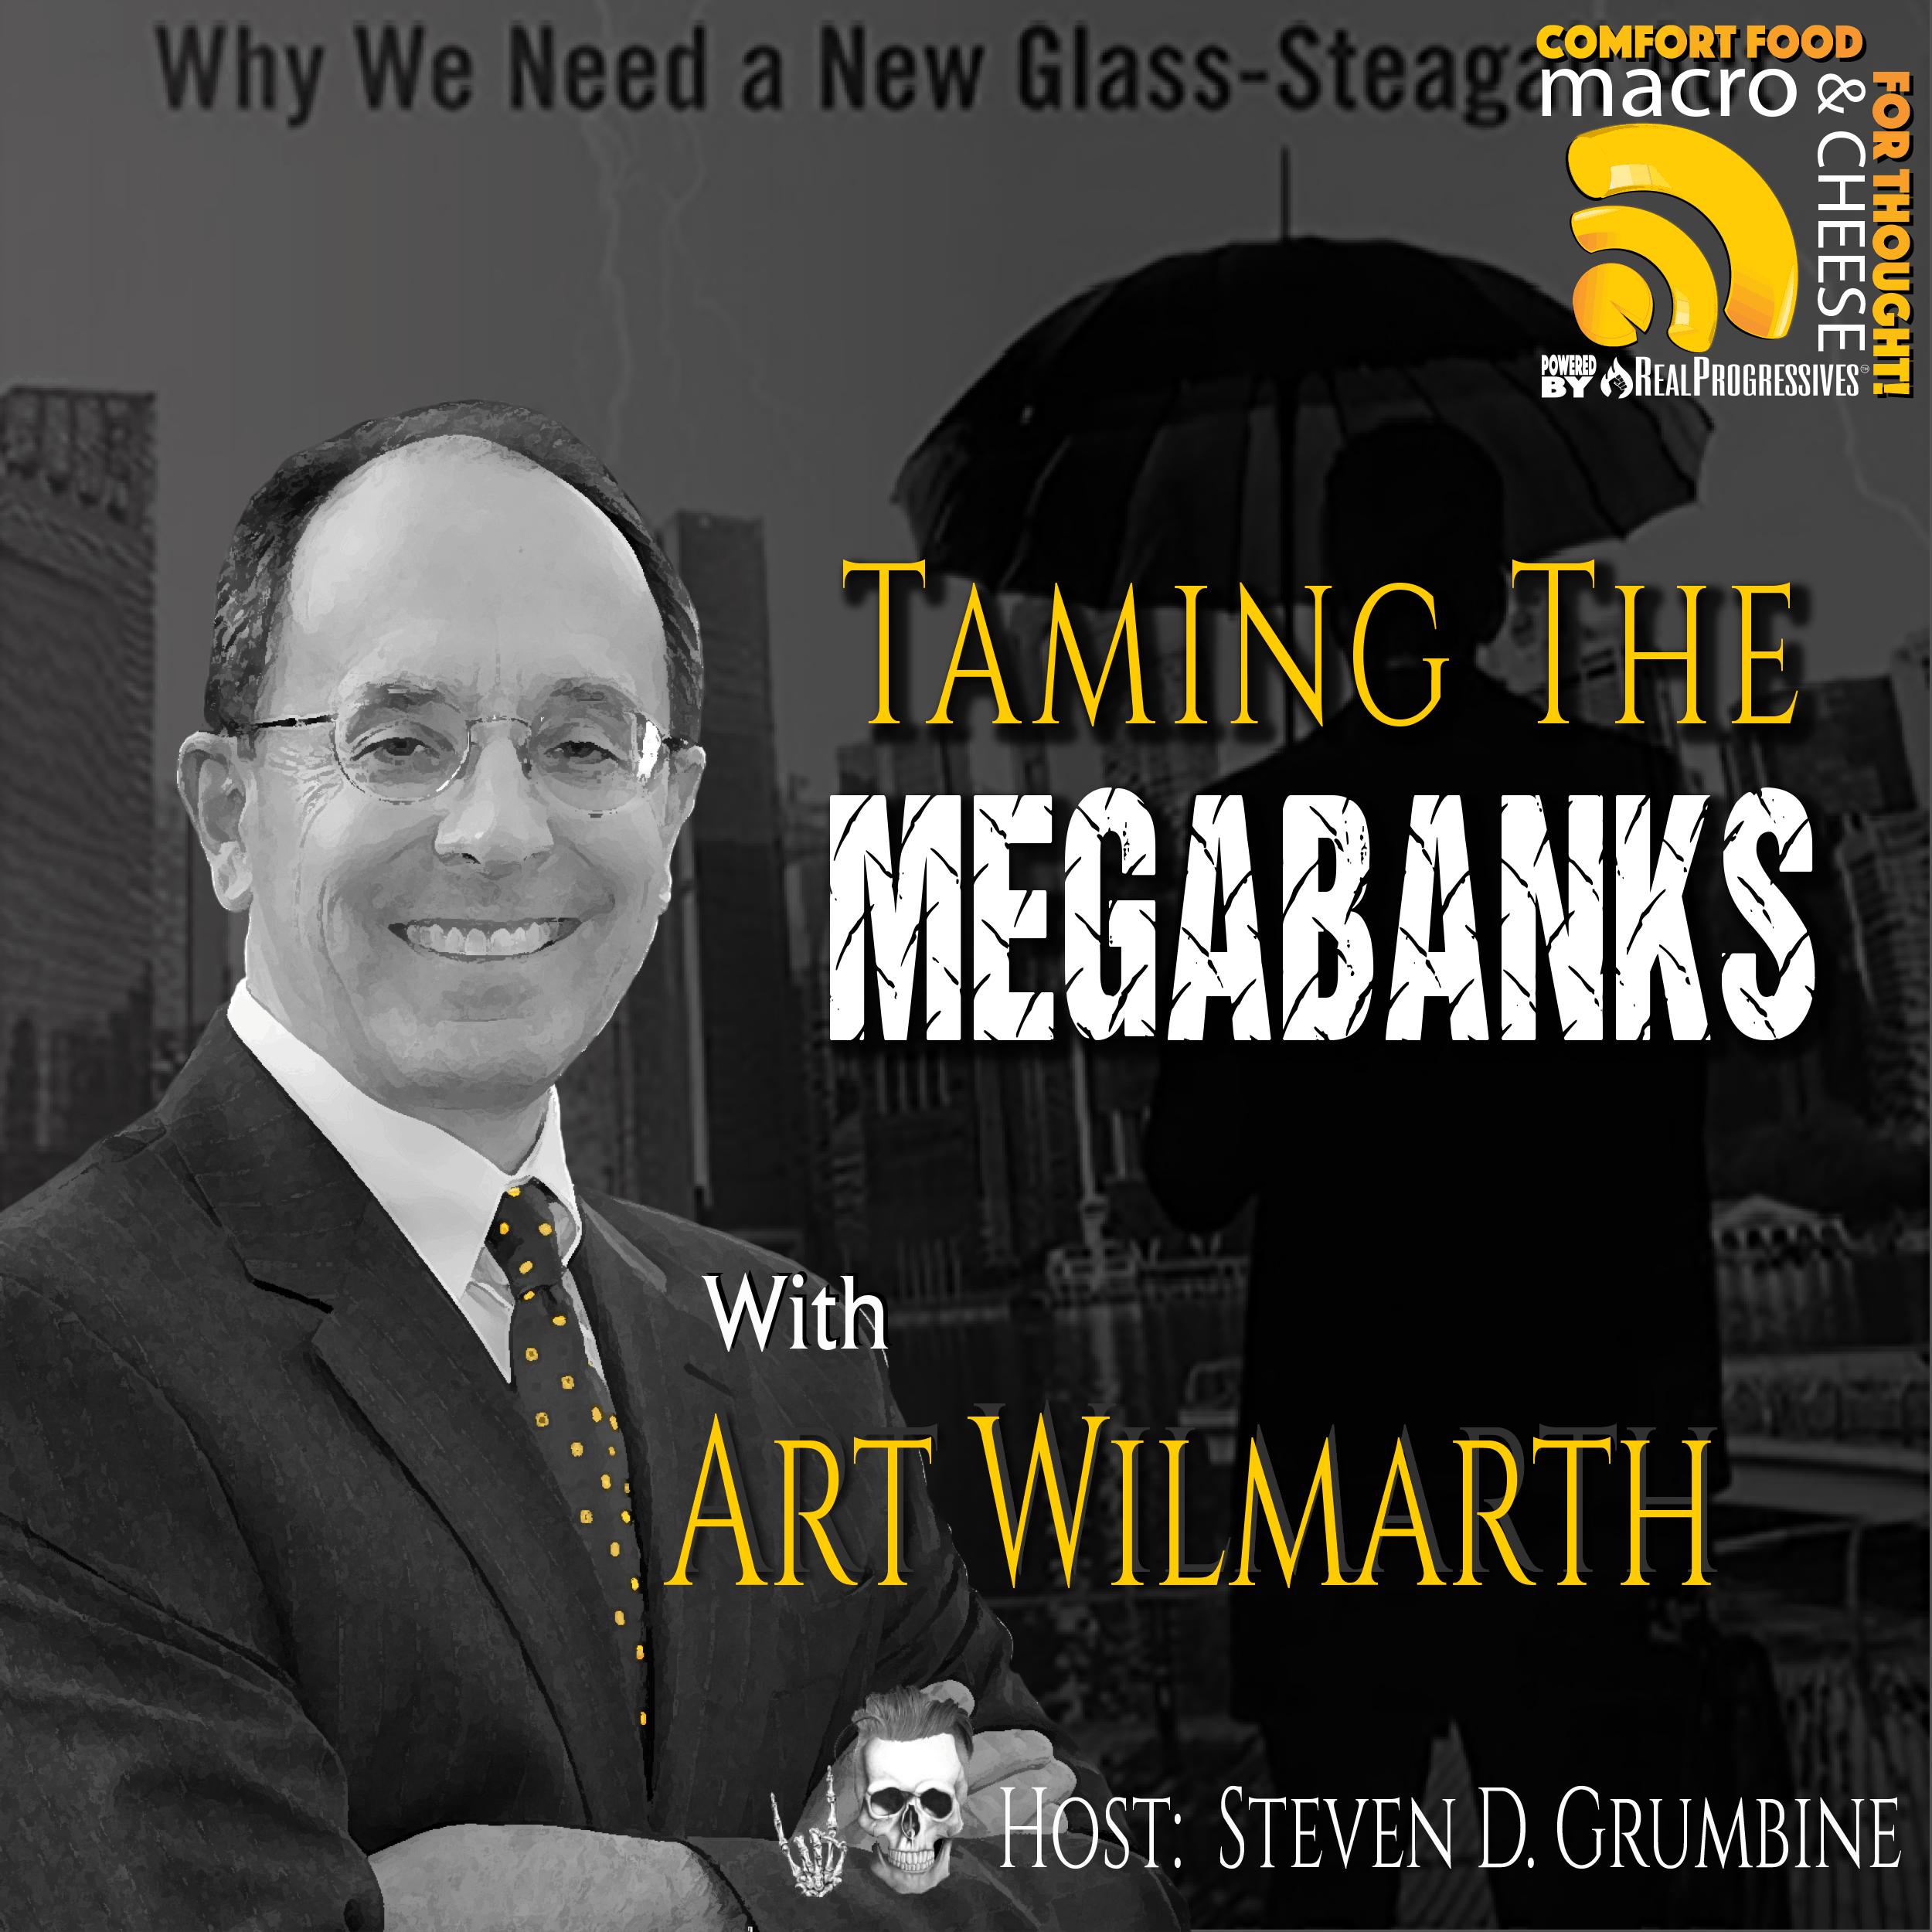 MNC Episode 110, Art Wilmarth, Glass-Steagall